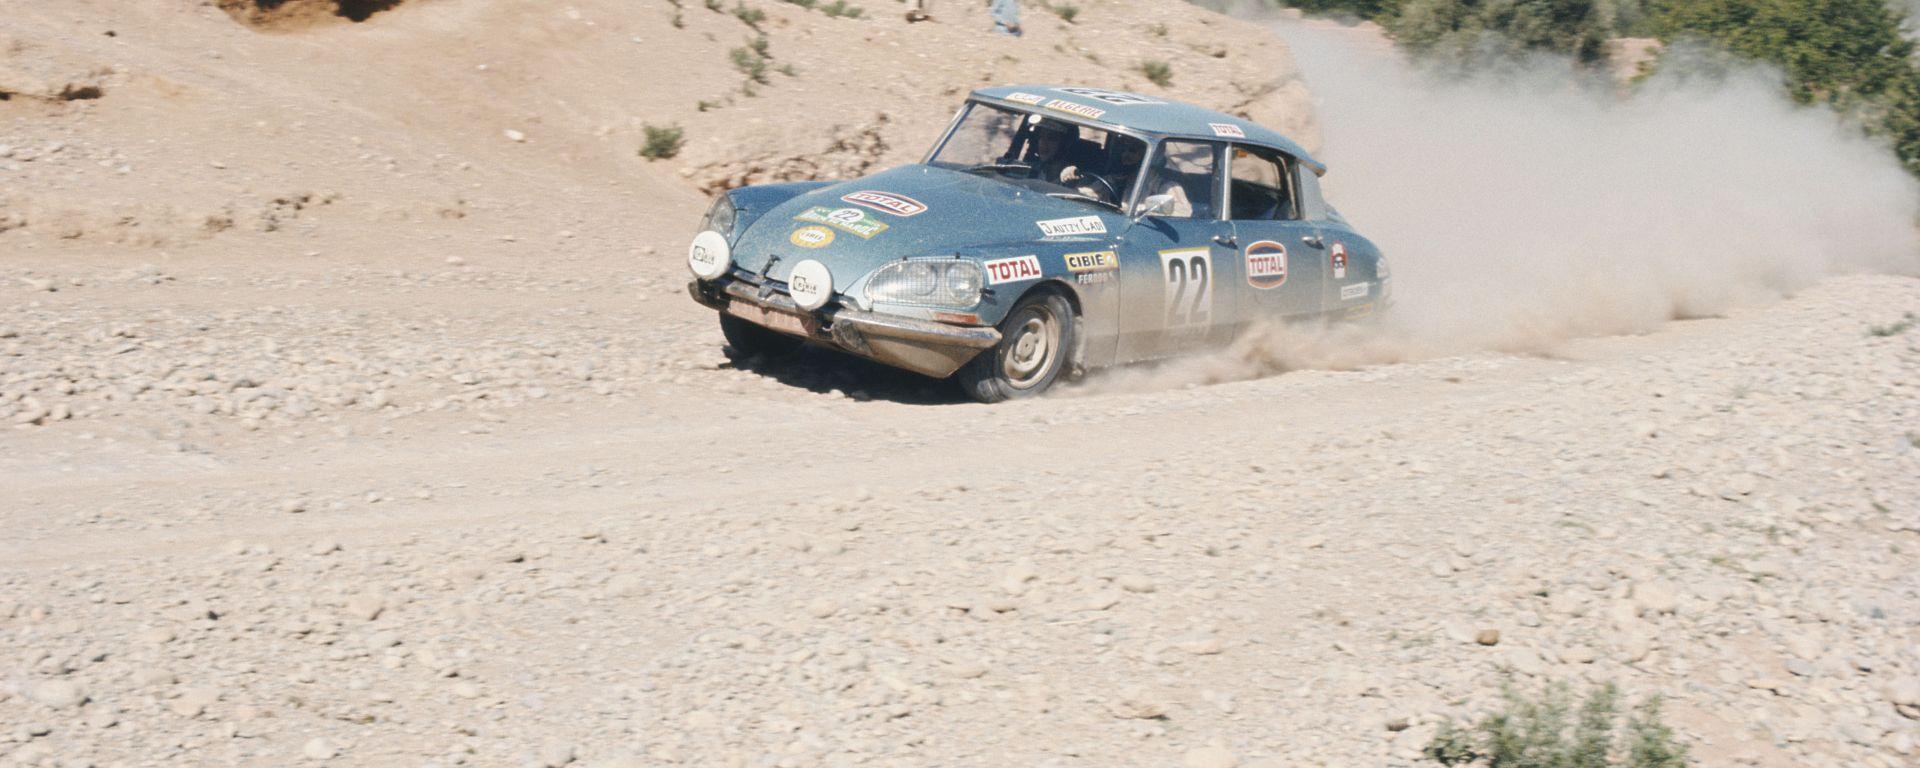 Storia rally: la Citroen DS tra gli anni 60 e 70 nel Rally del Marocco